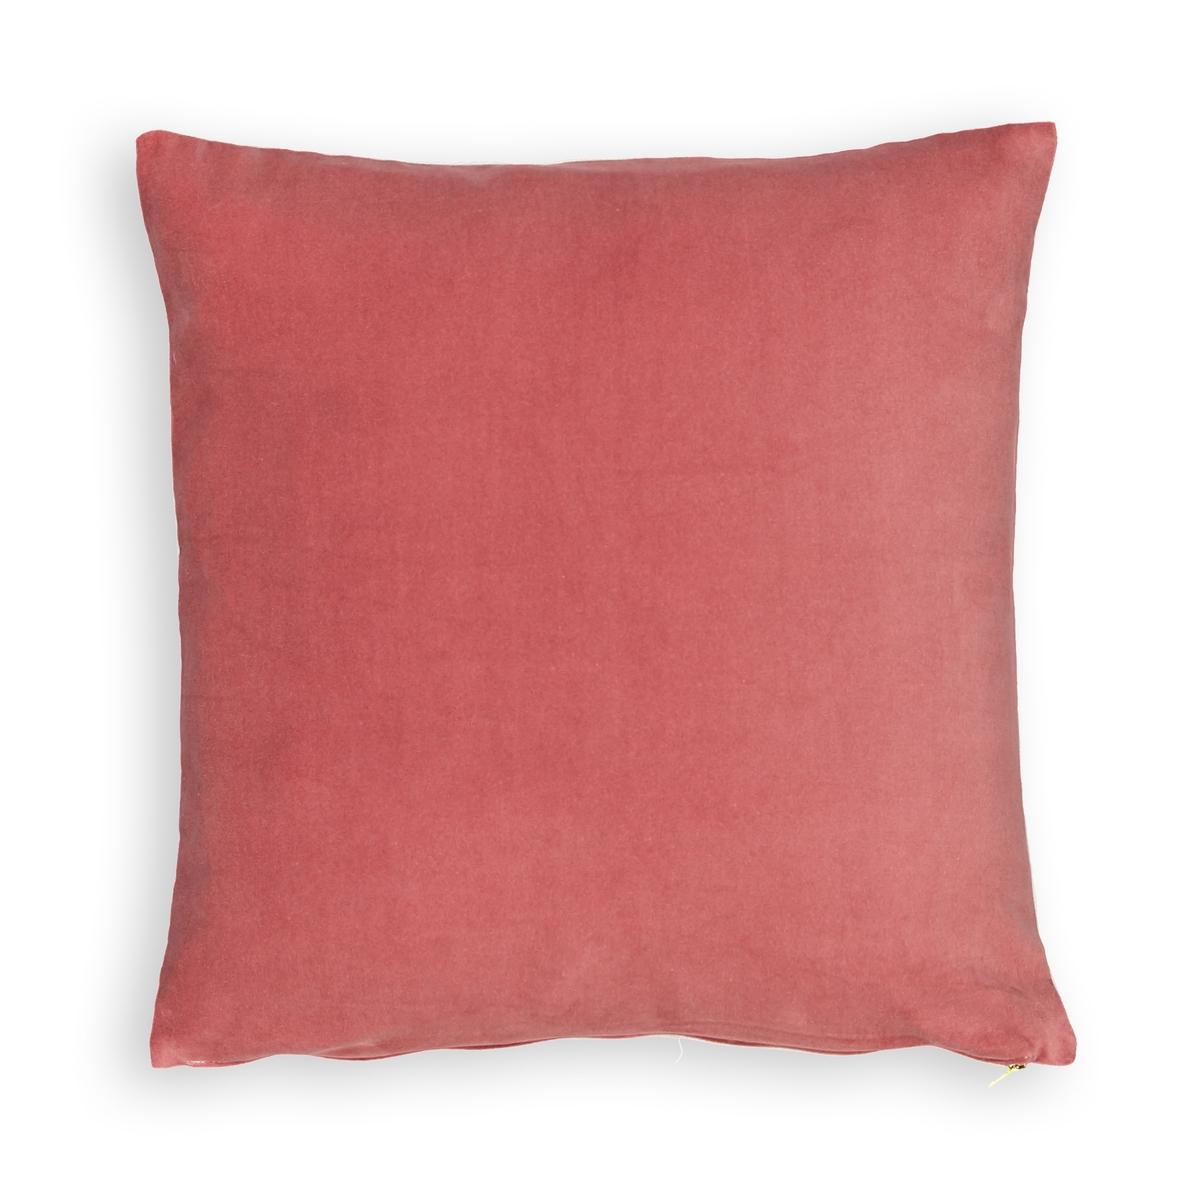 цена Чехол для подушки из велюра/льна POLEN онлайн в 2017 году